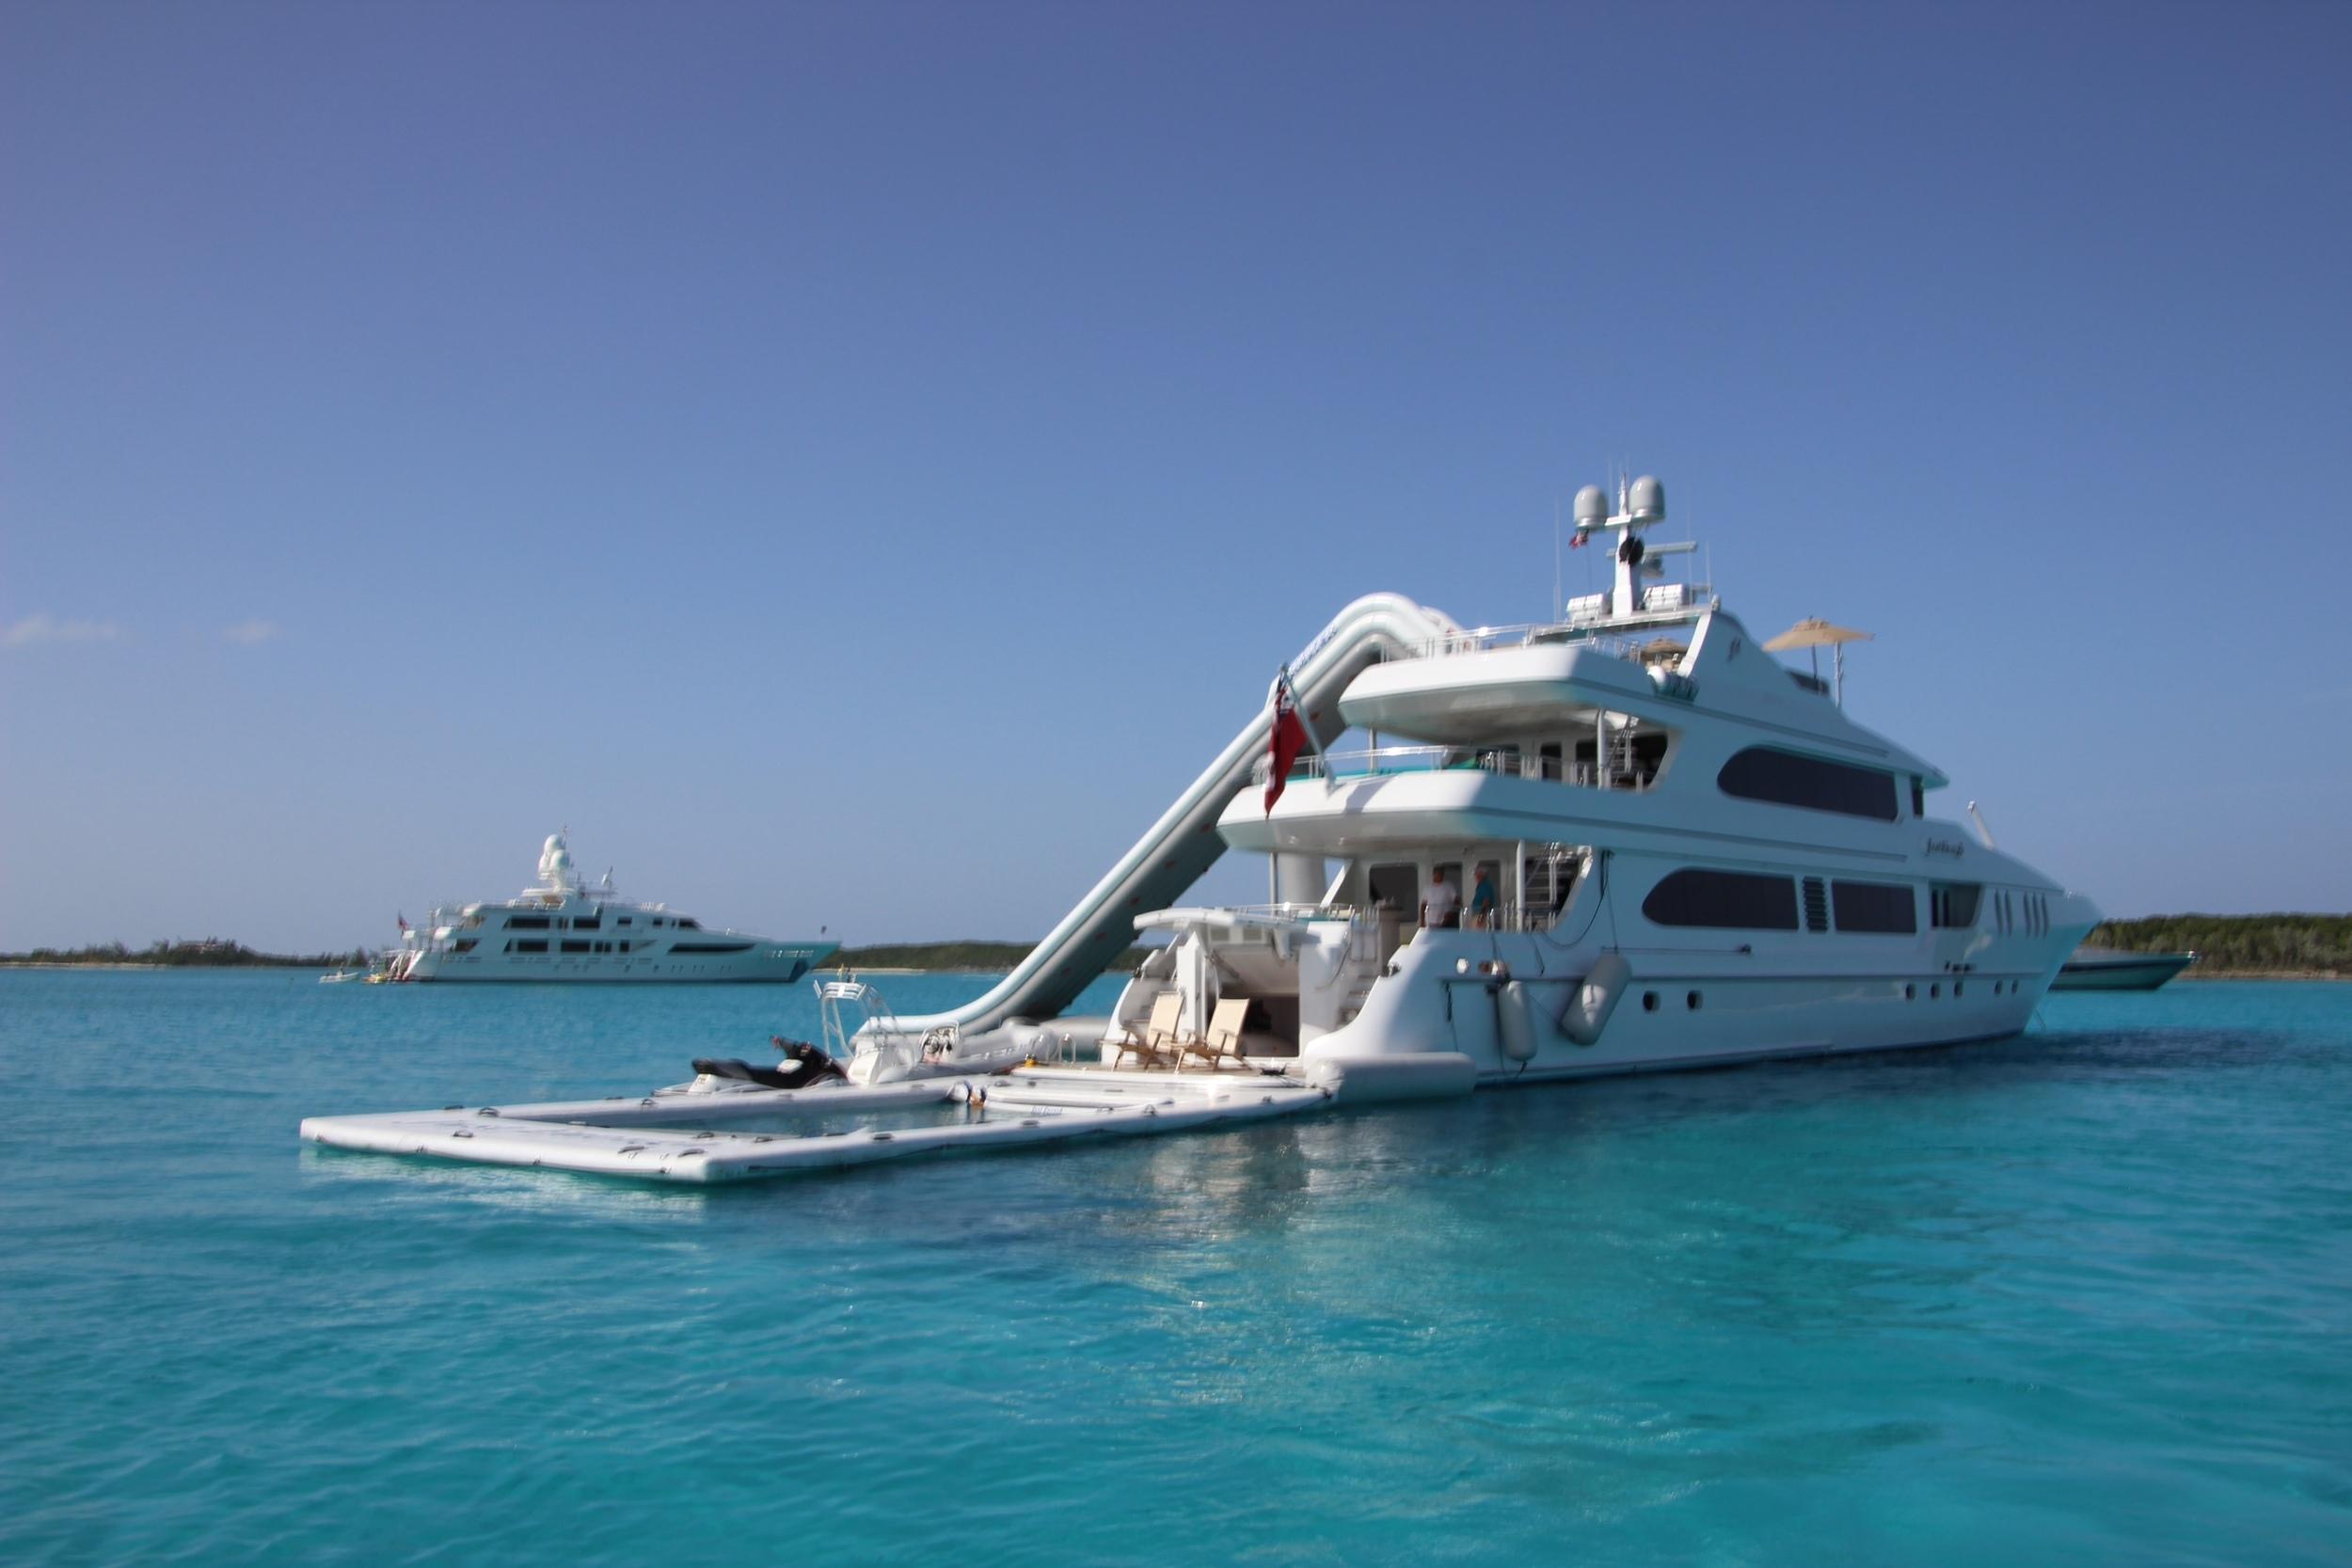 Iate para aluguel, locação, passeio Caribe, Bahamas, St Barts, St Marteen